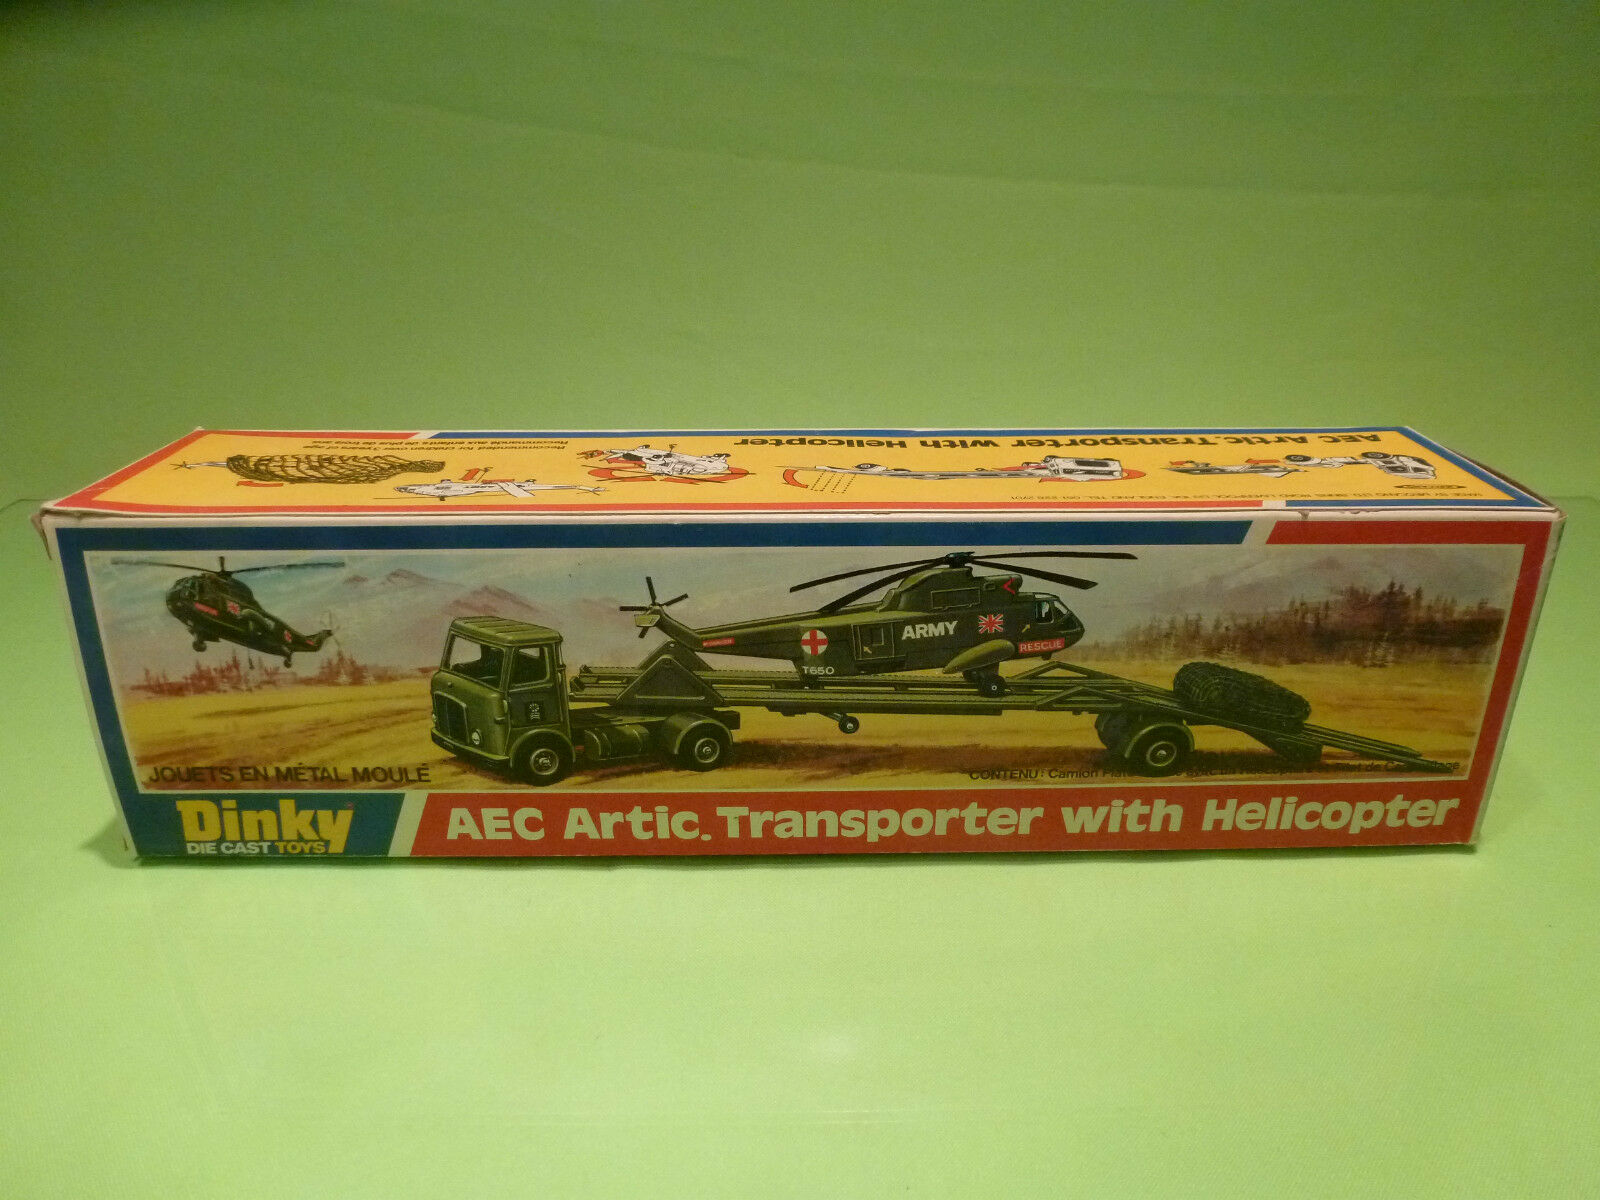 acquisti online DINKY giocattoli 618 AEC ARTIC TRANSPORTER + + + HELICOPTER - RARE SELTEN - GOOD IN scatola  in cerca di agente di vendita